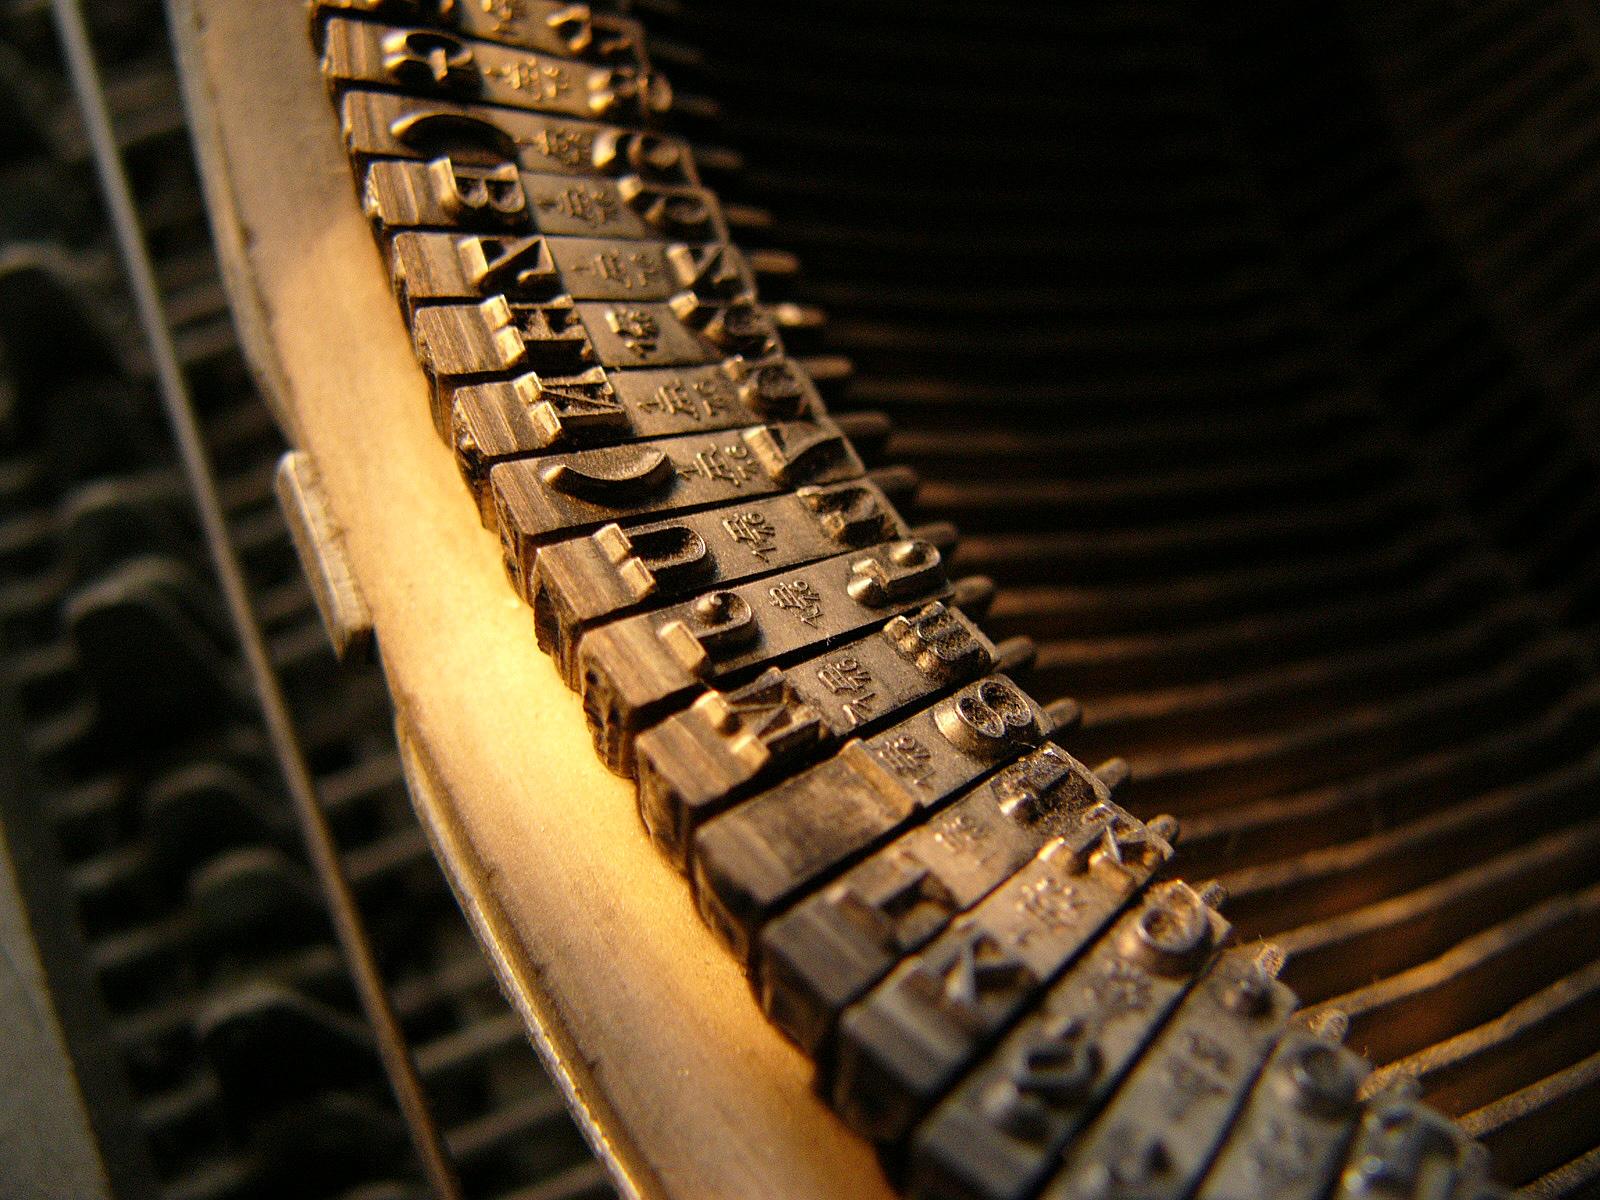 1174527-typewriter-wallpaper.jpg